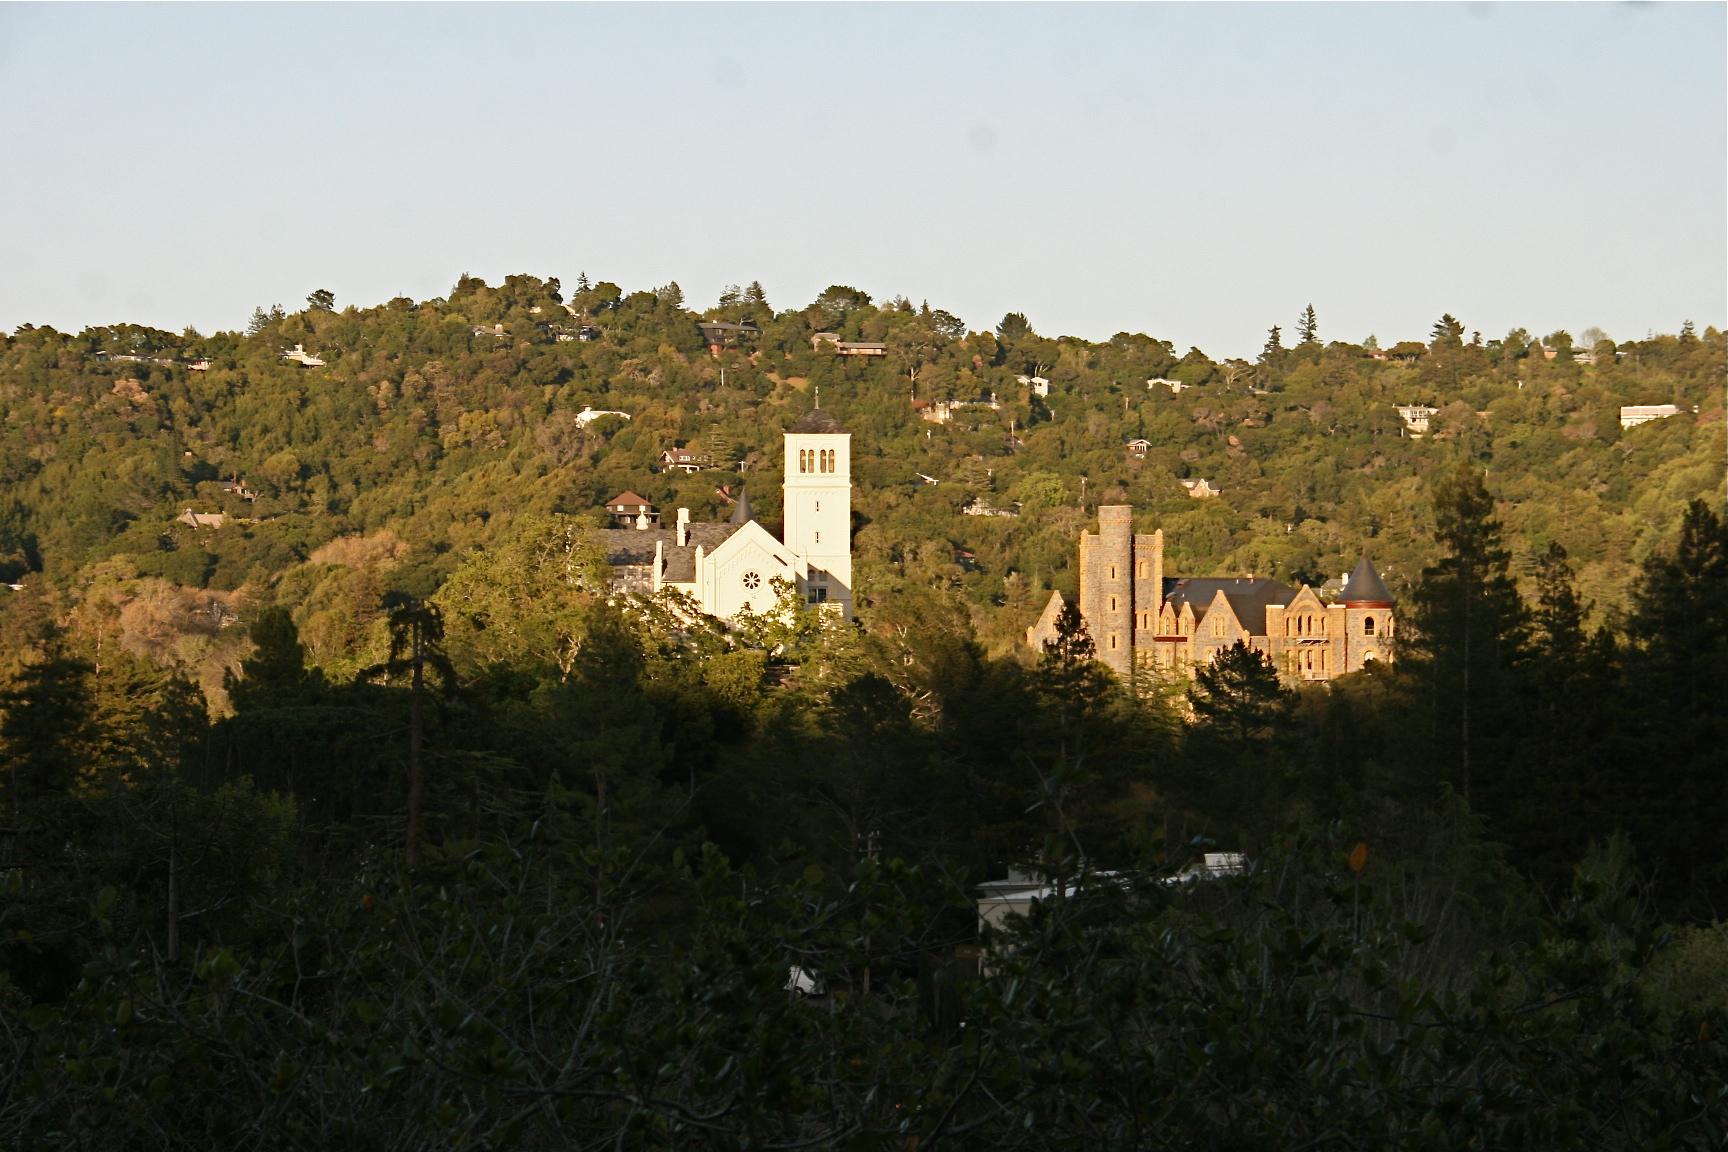 سن آنسلمو، کالیفرنیا